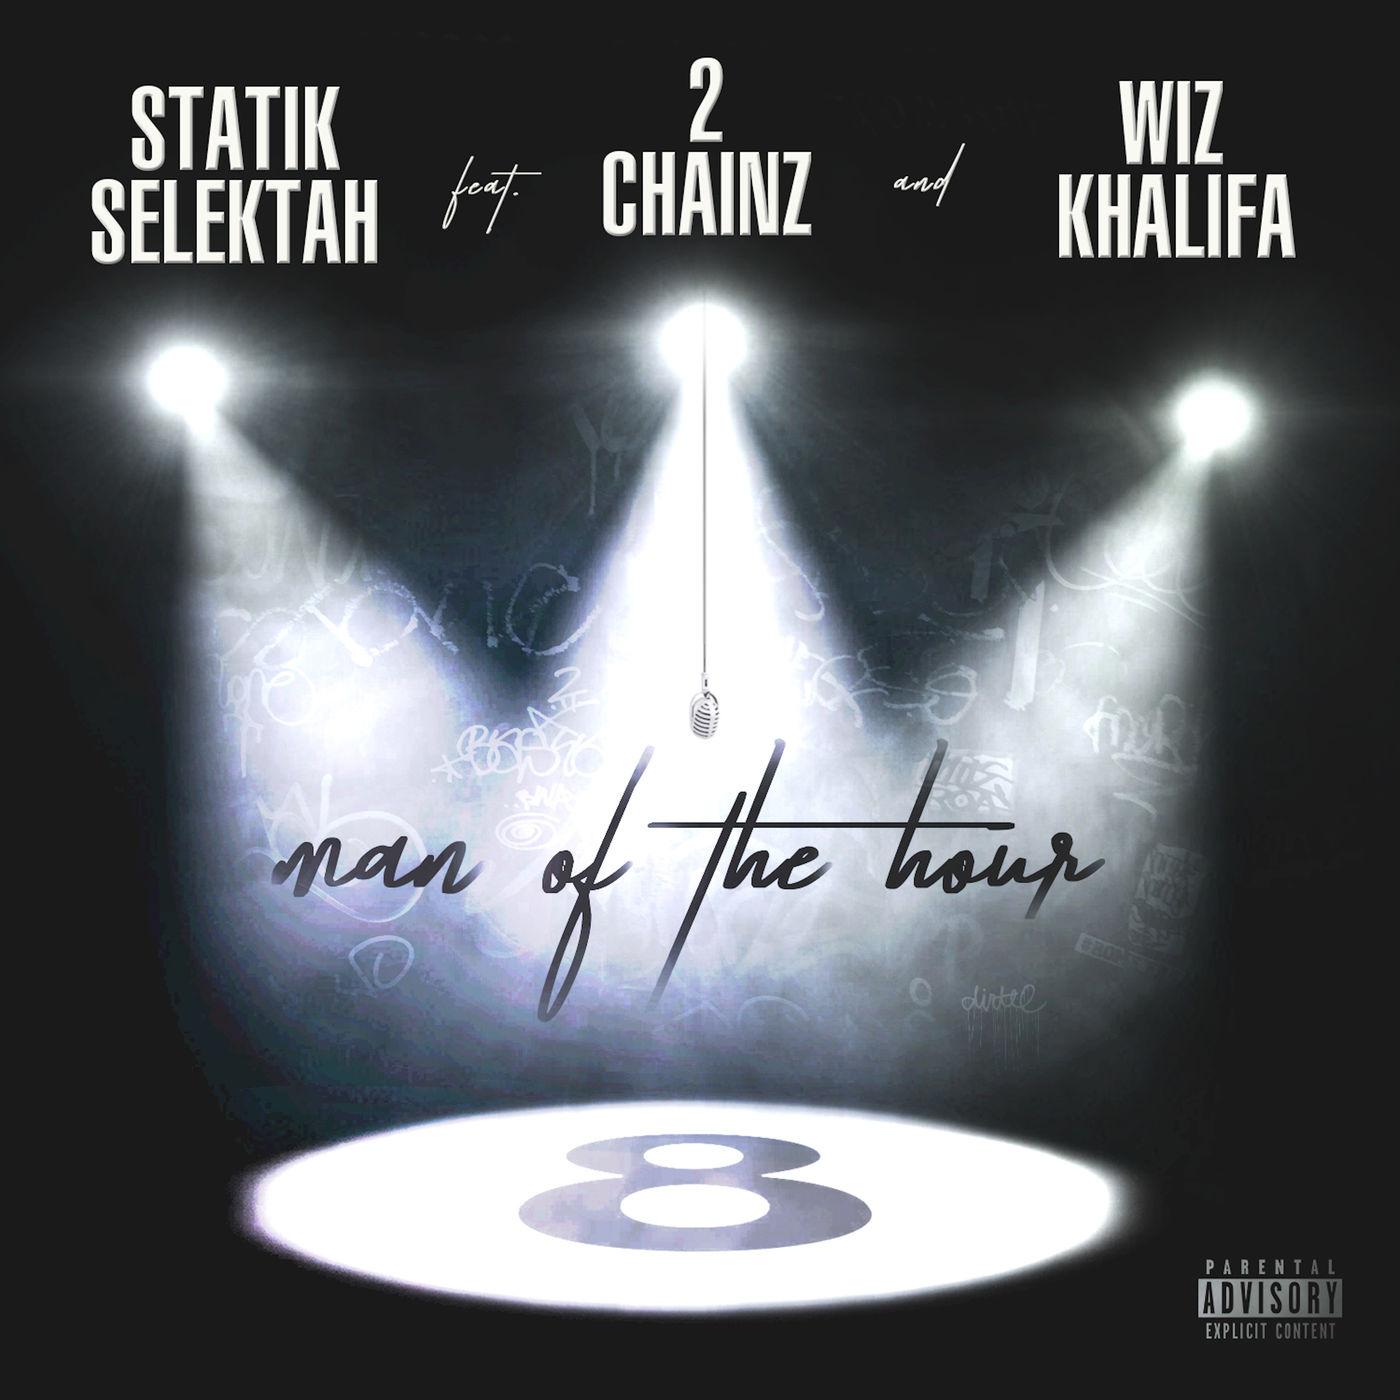 statik selektah man of the hour